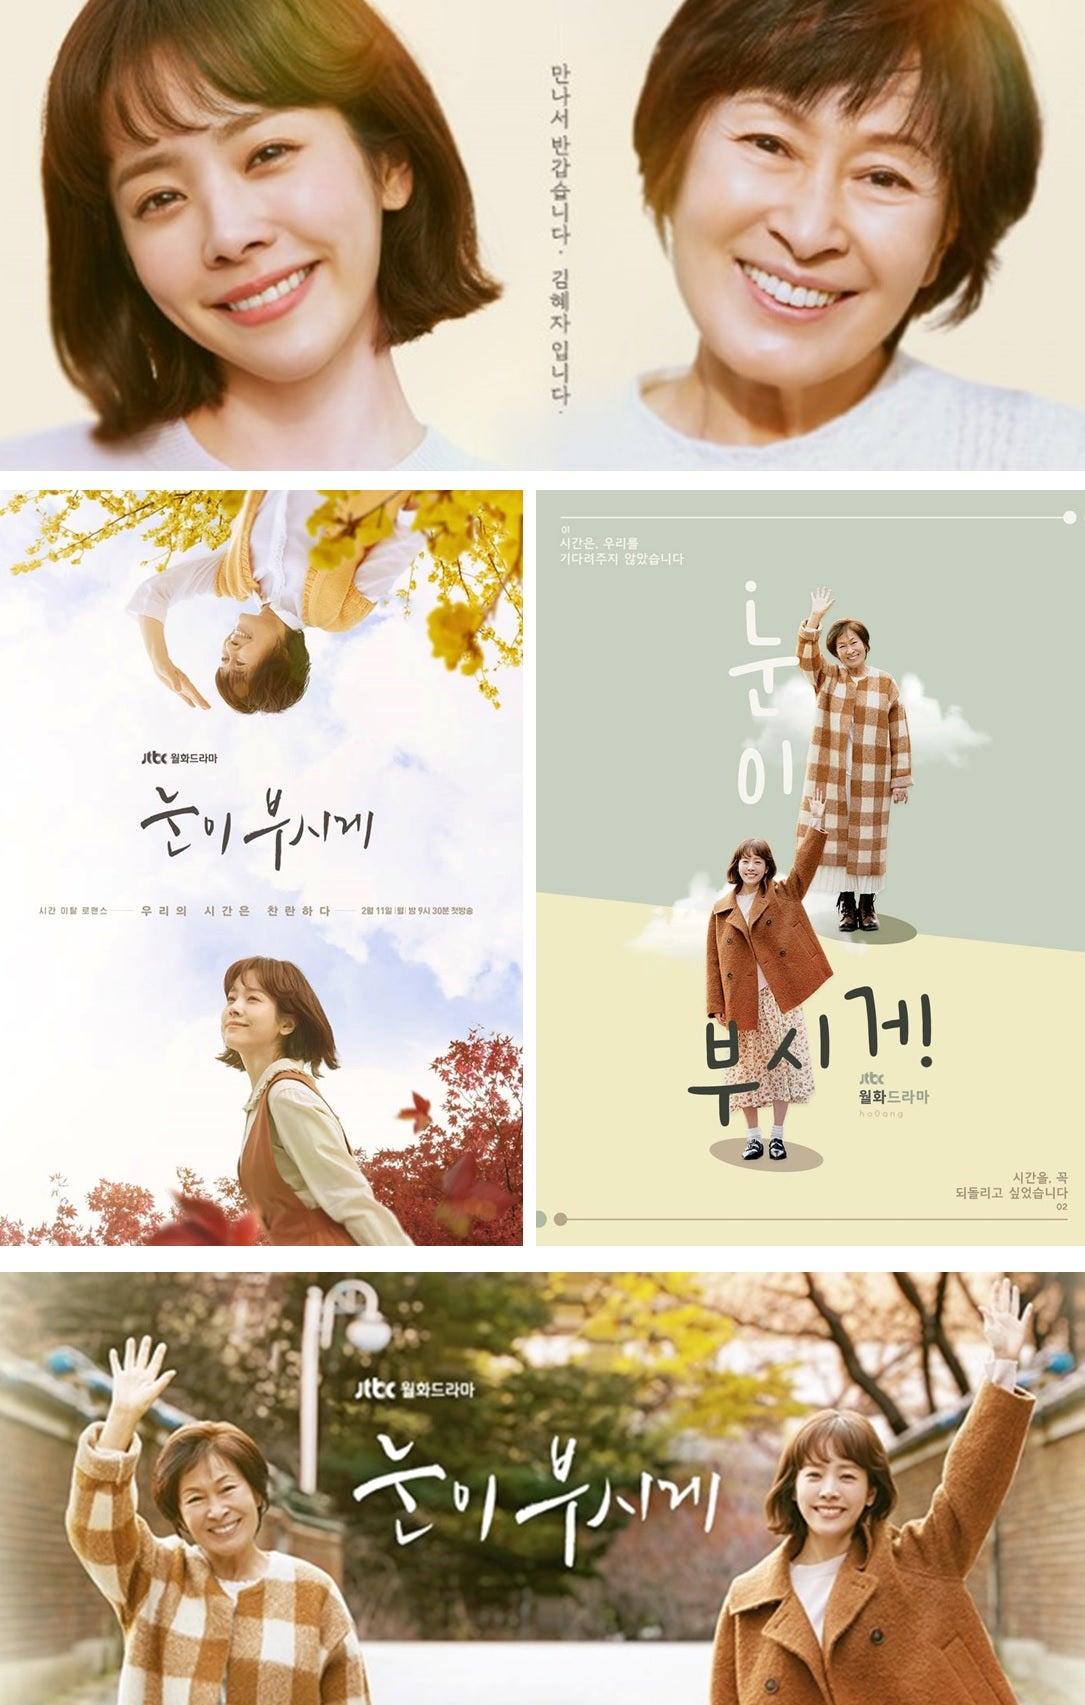 眩しくて見終わってネタバレなし感想 고마워コマウォ 韓国ドラマ